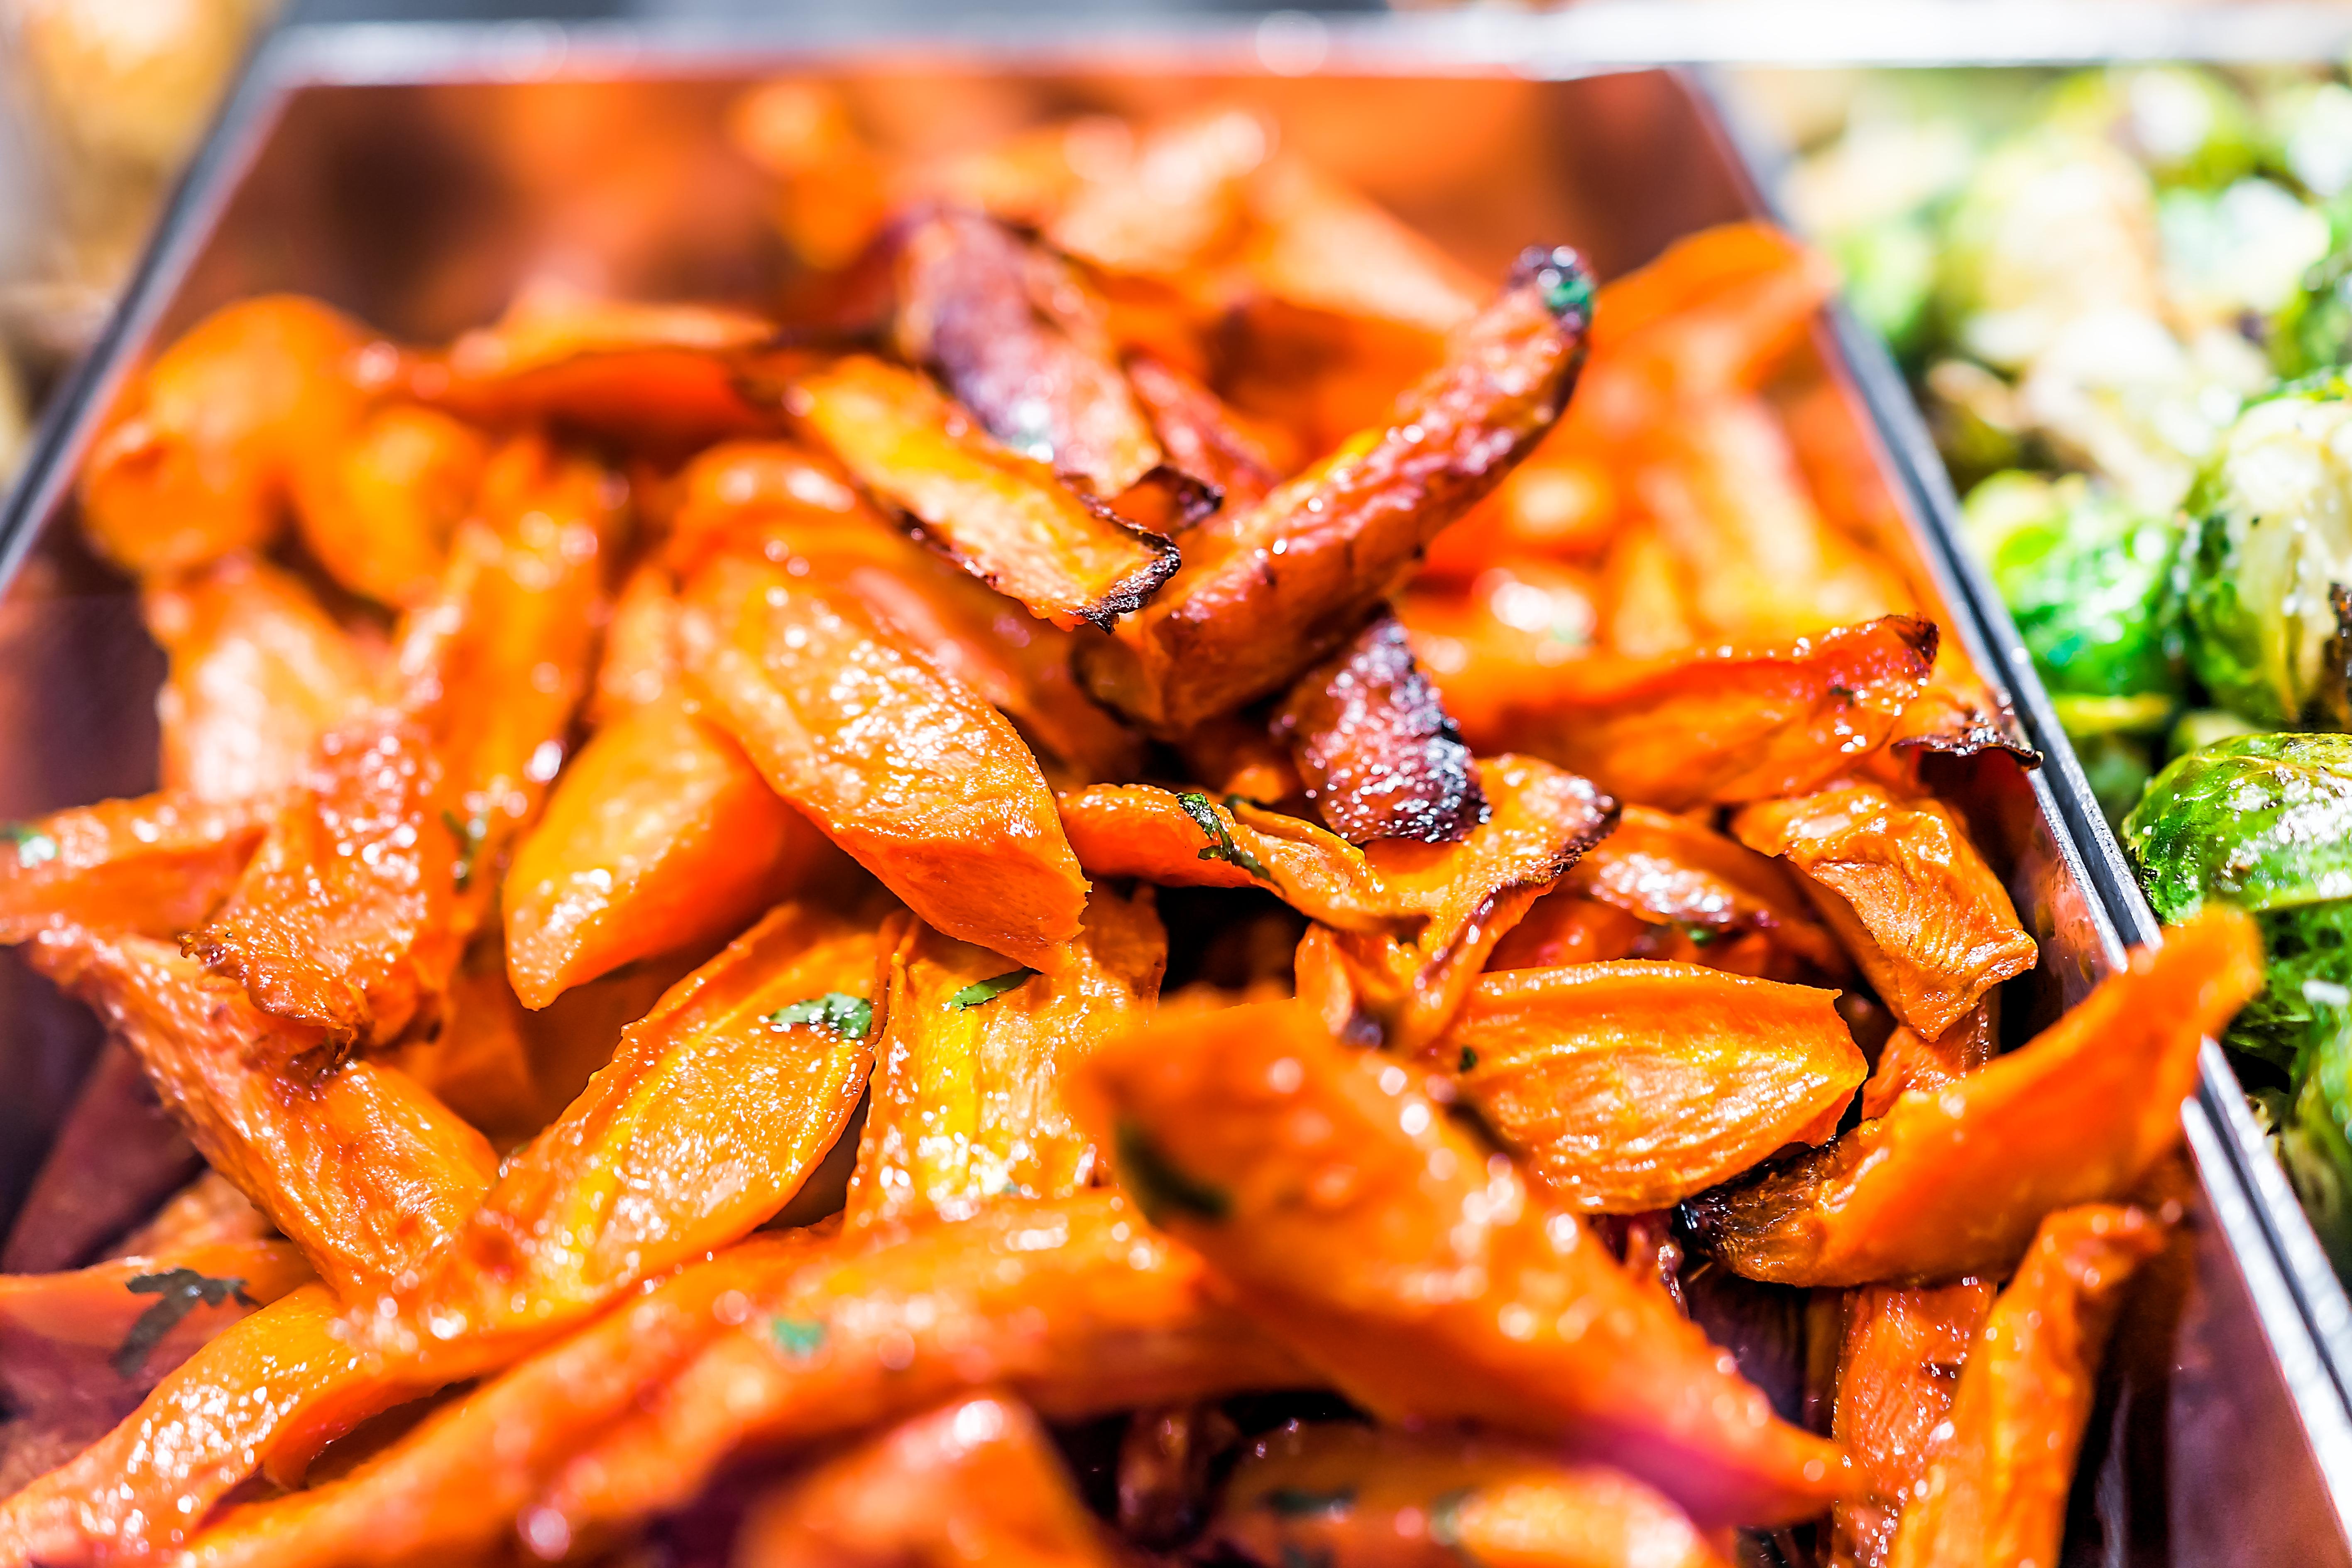 homemade carrot chips